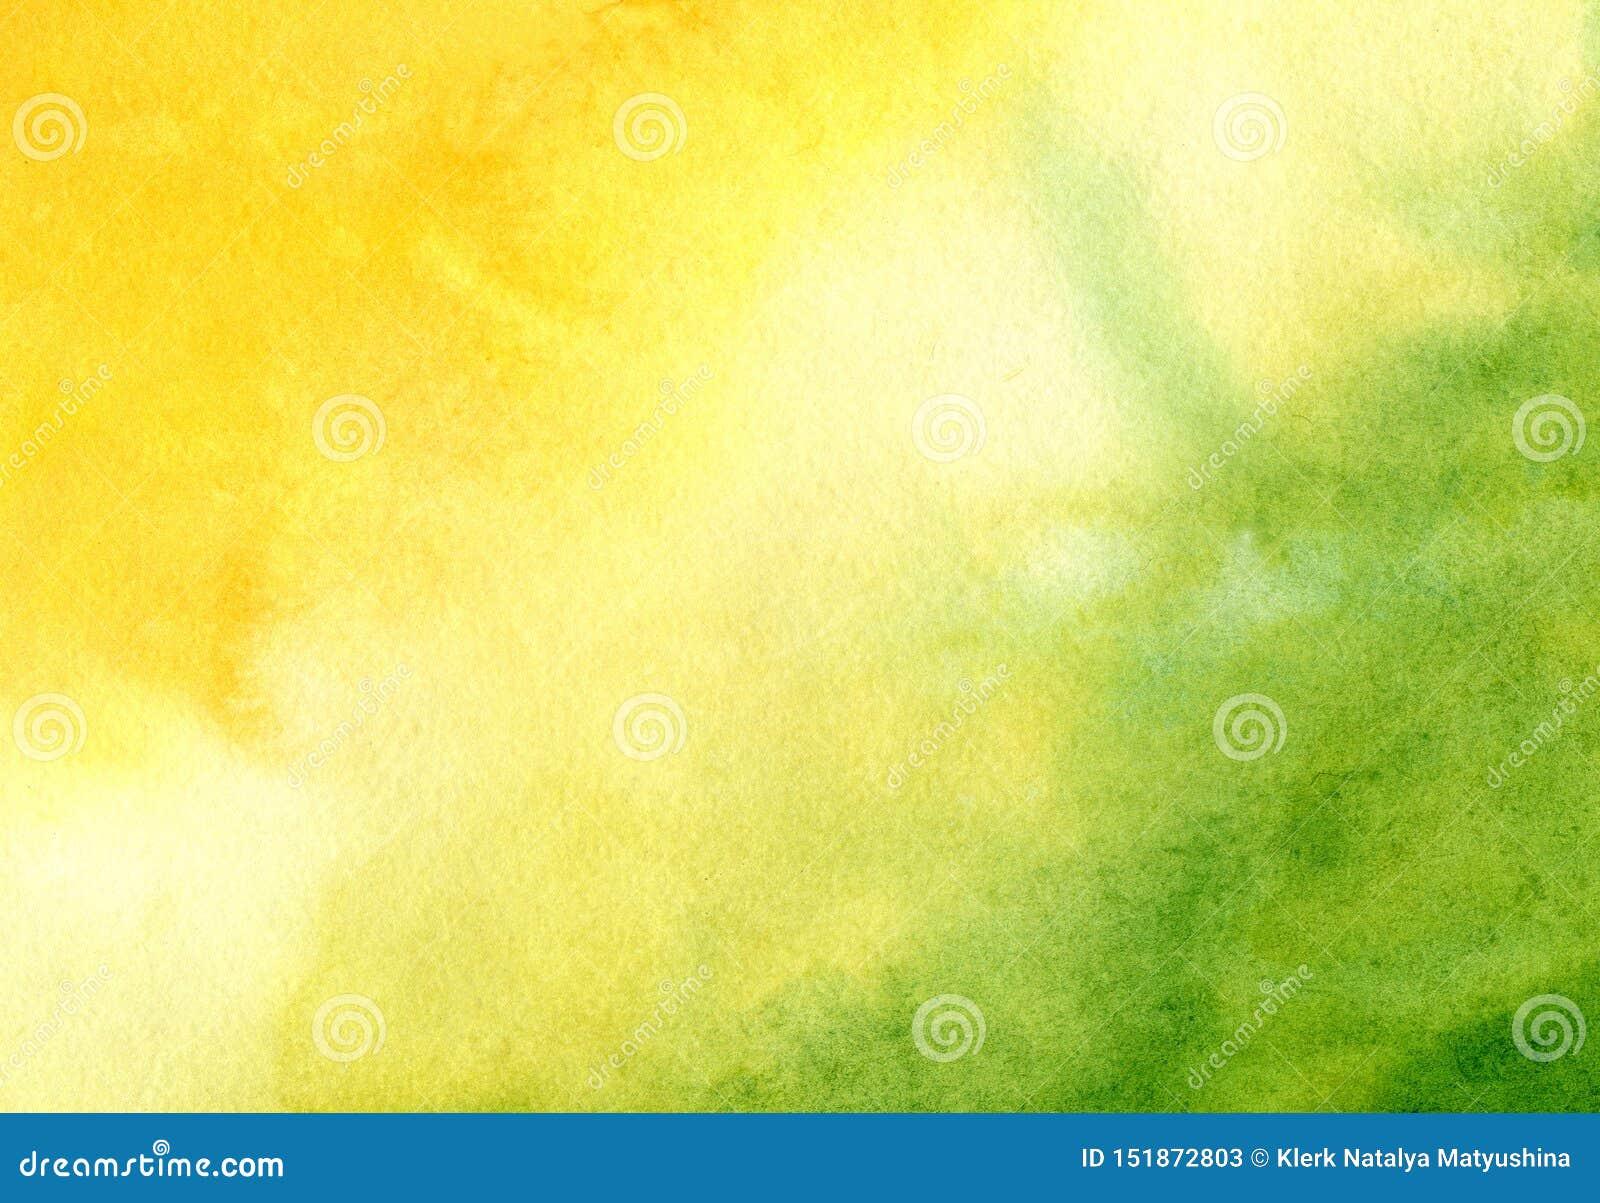 Aquarellhintergrund mit handgemalter abstrakter Sonne und Gras Entwurf von Fahnen, Plakate, Plakate, Karten, Einladungen,